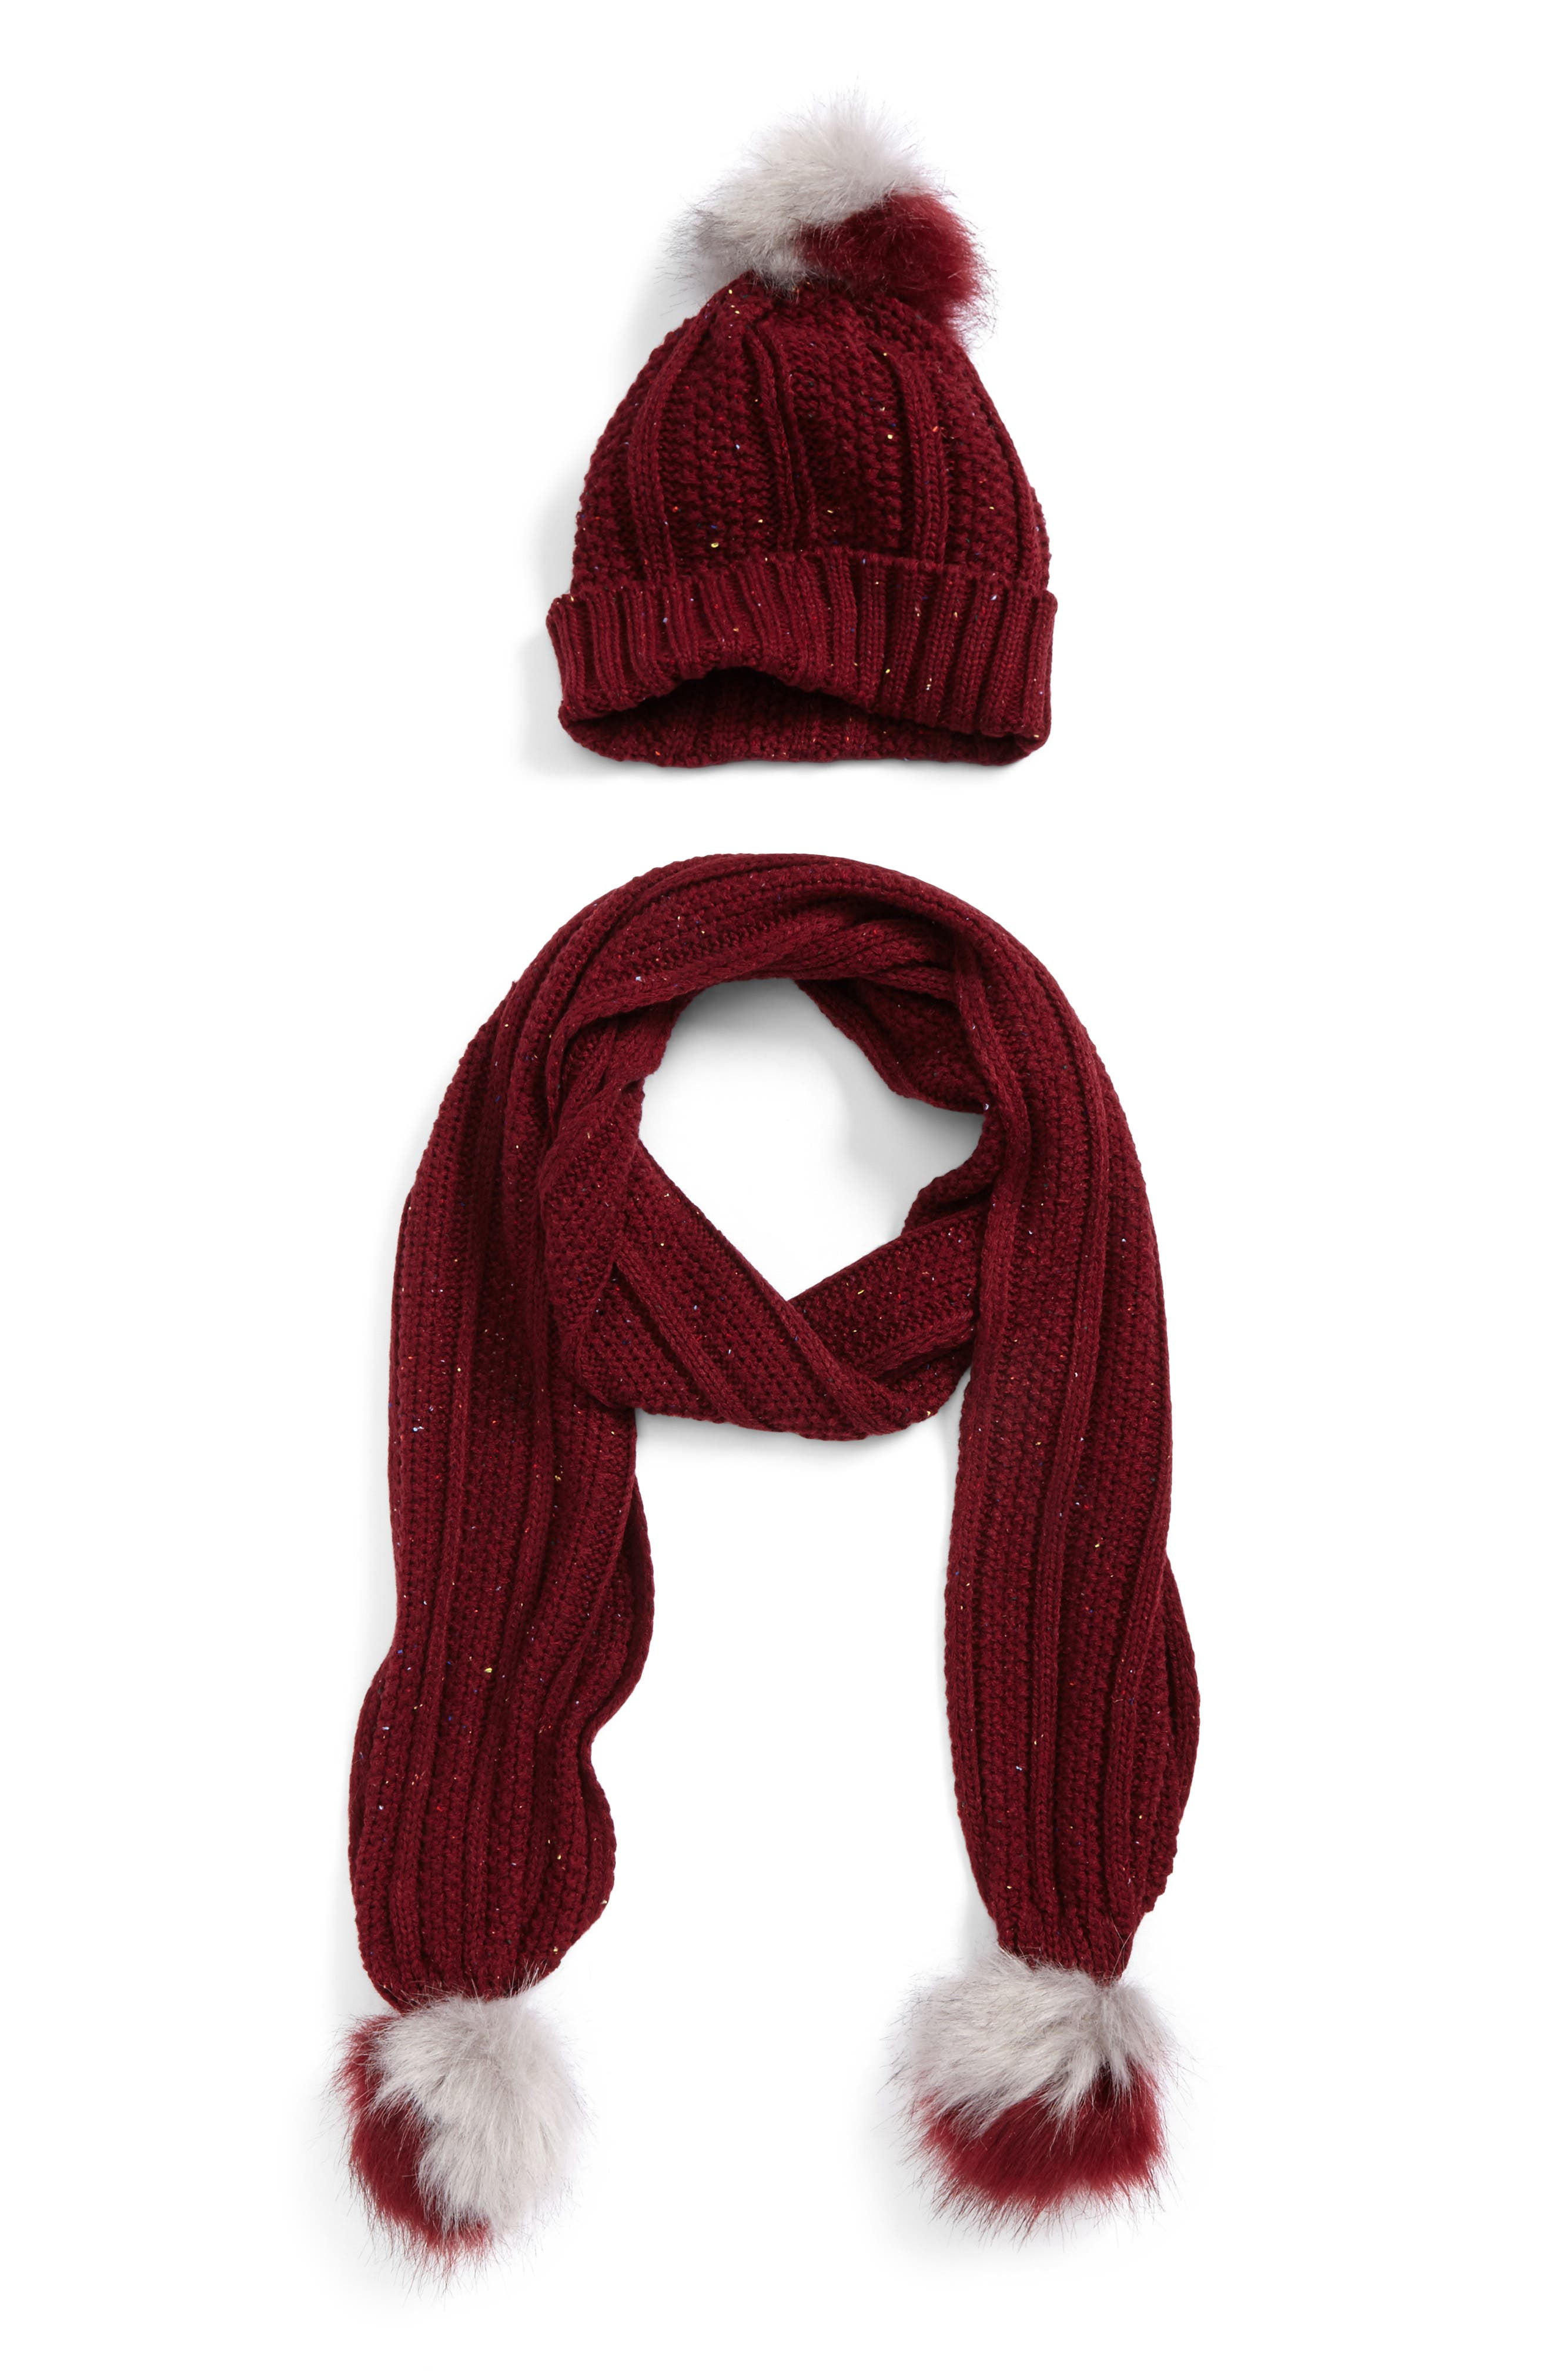 NYC Underground Faux Fur Pompom Knit Beanie & Scarf